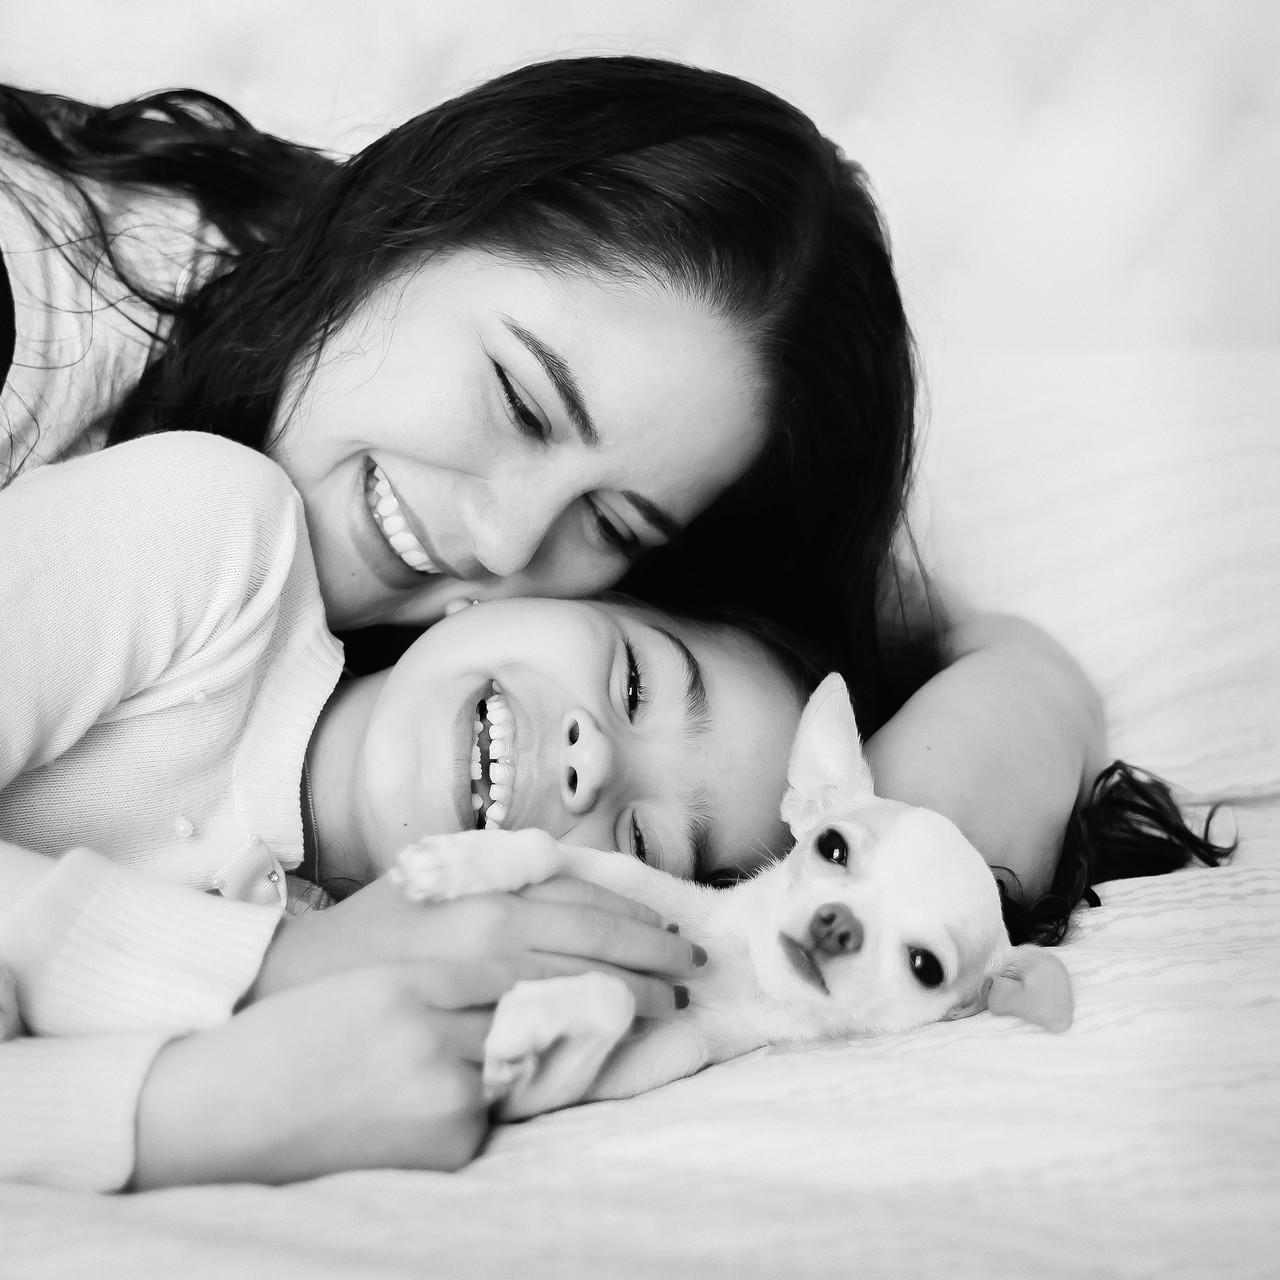 Sobre Deborah Demétrio - Fotografia para bebês, mamães e famílias - Niterói RJ